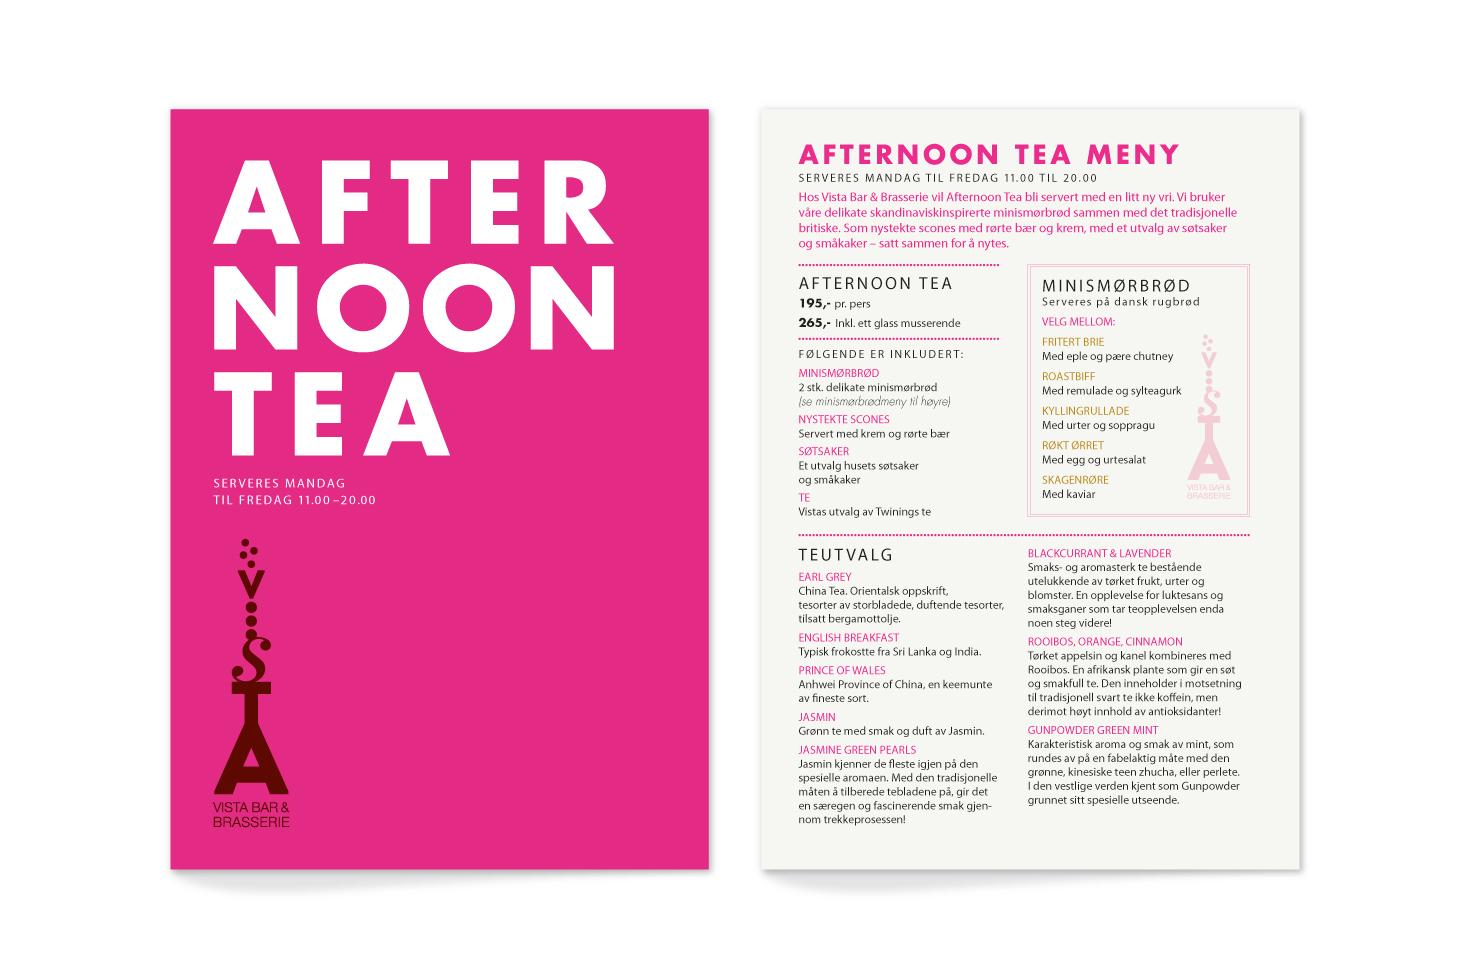 Vista afternoon tea menu